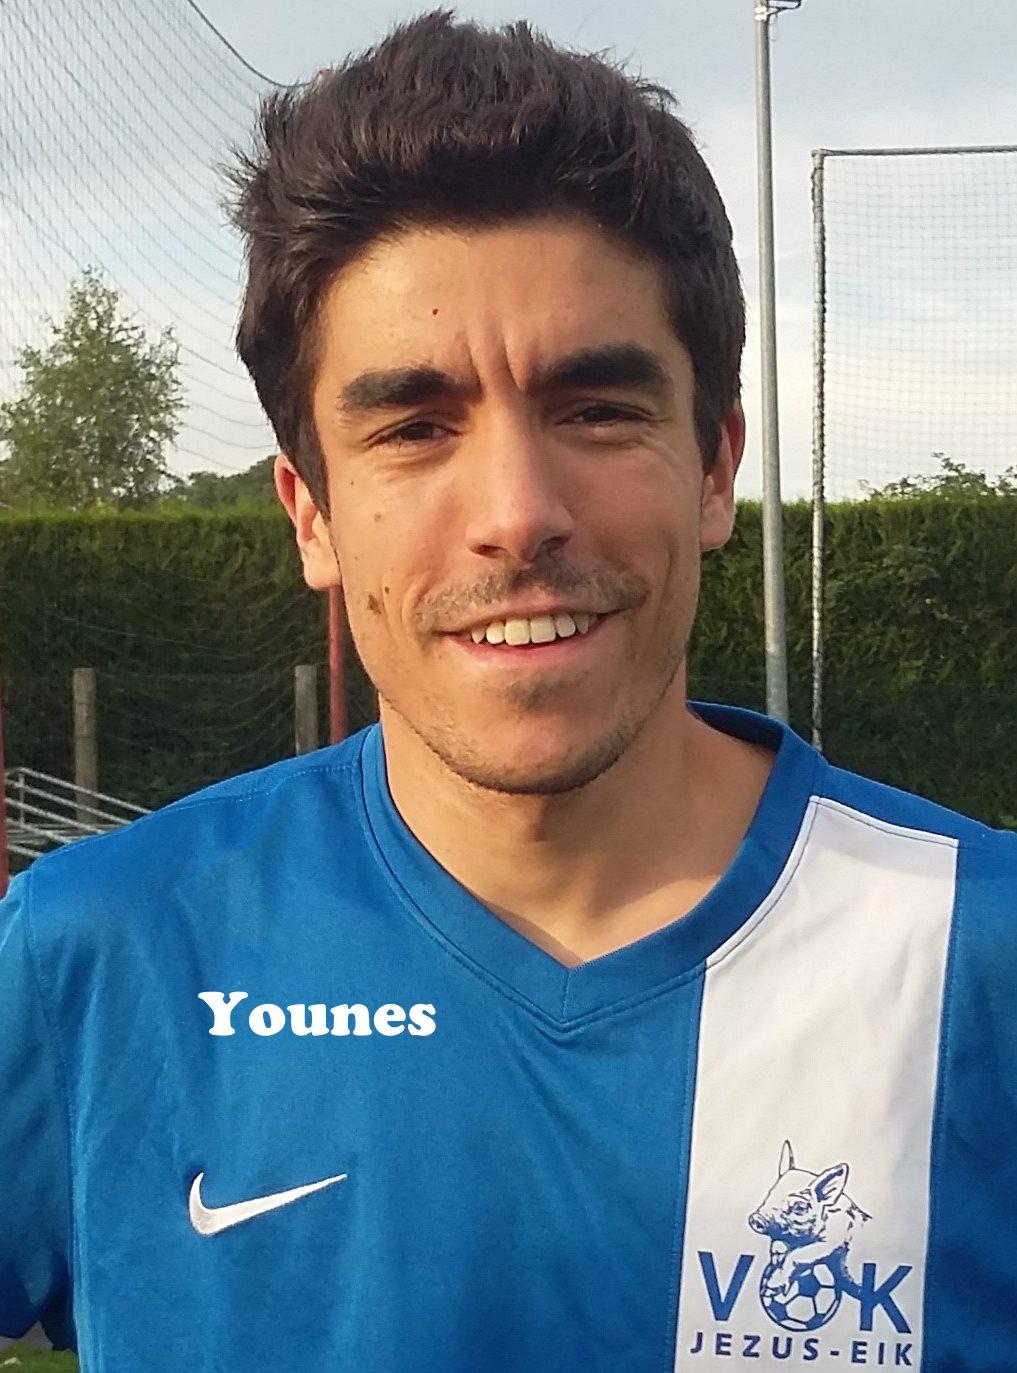 Younes